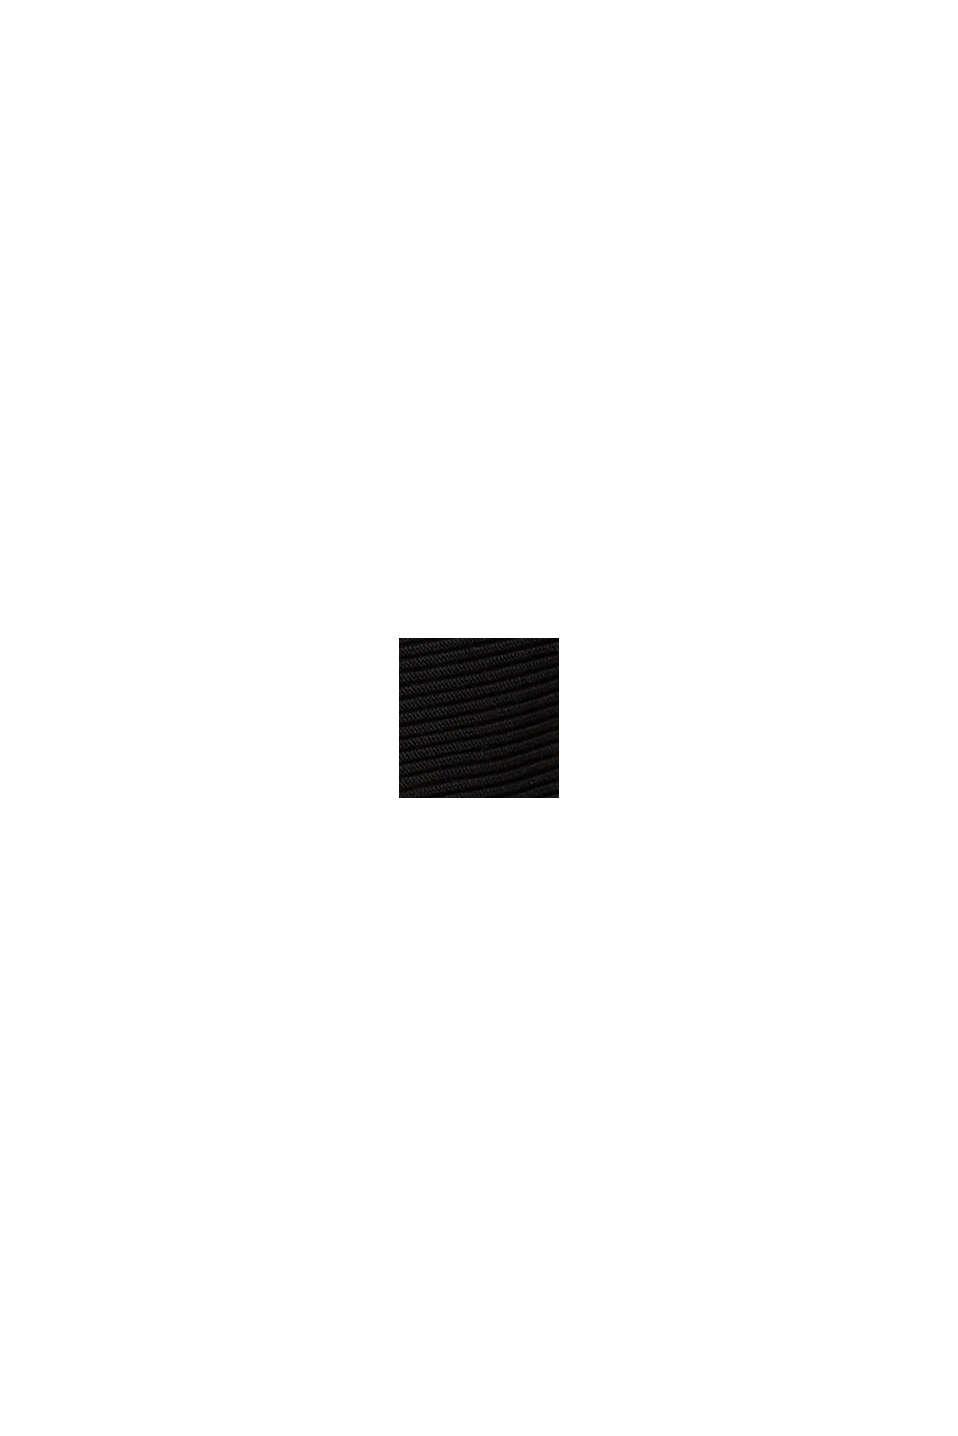 Z Lyocellem TENCELEM™: prążkowany kardigan, BLACK, swatch